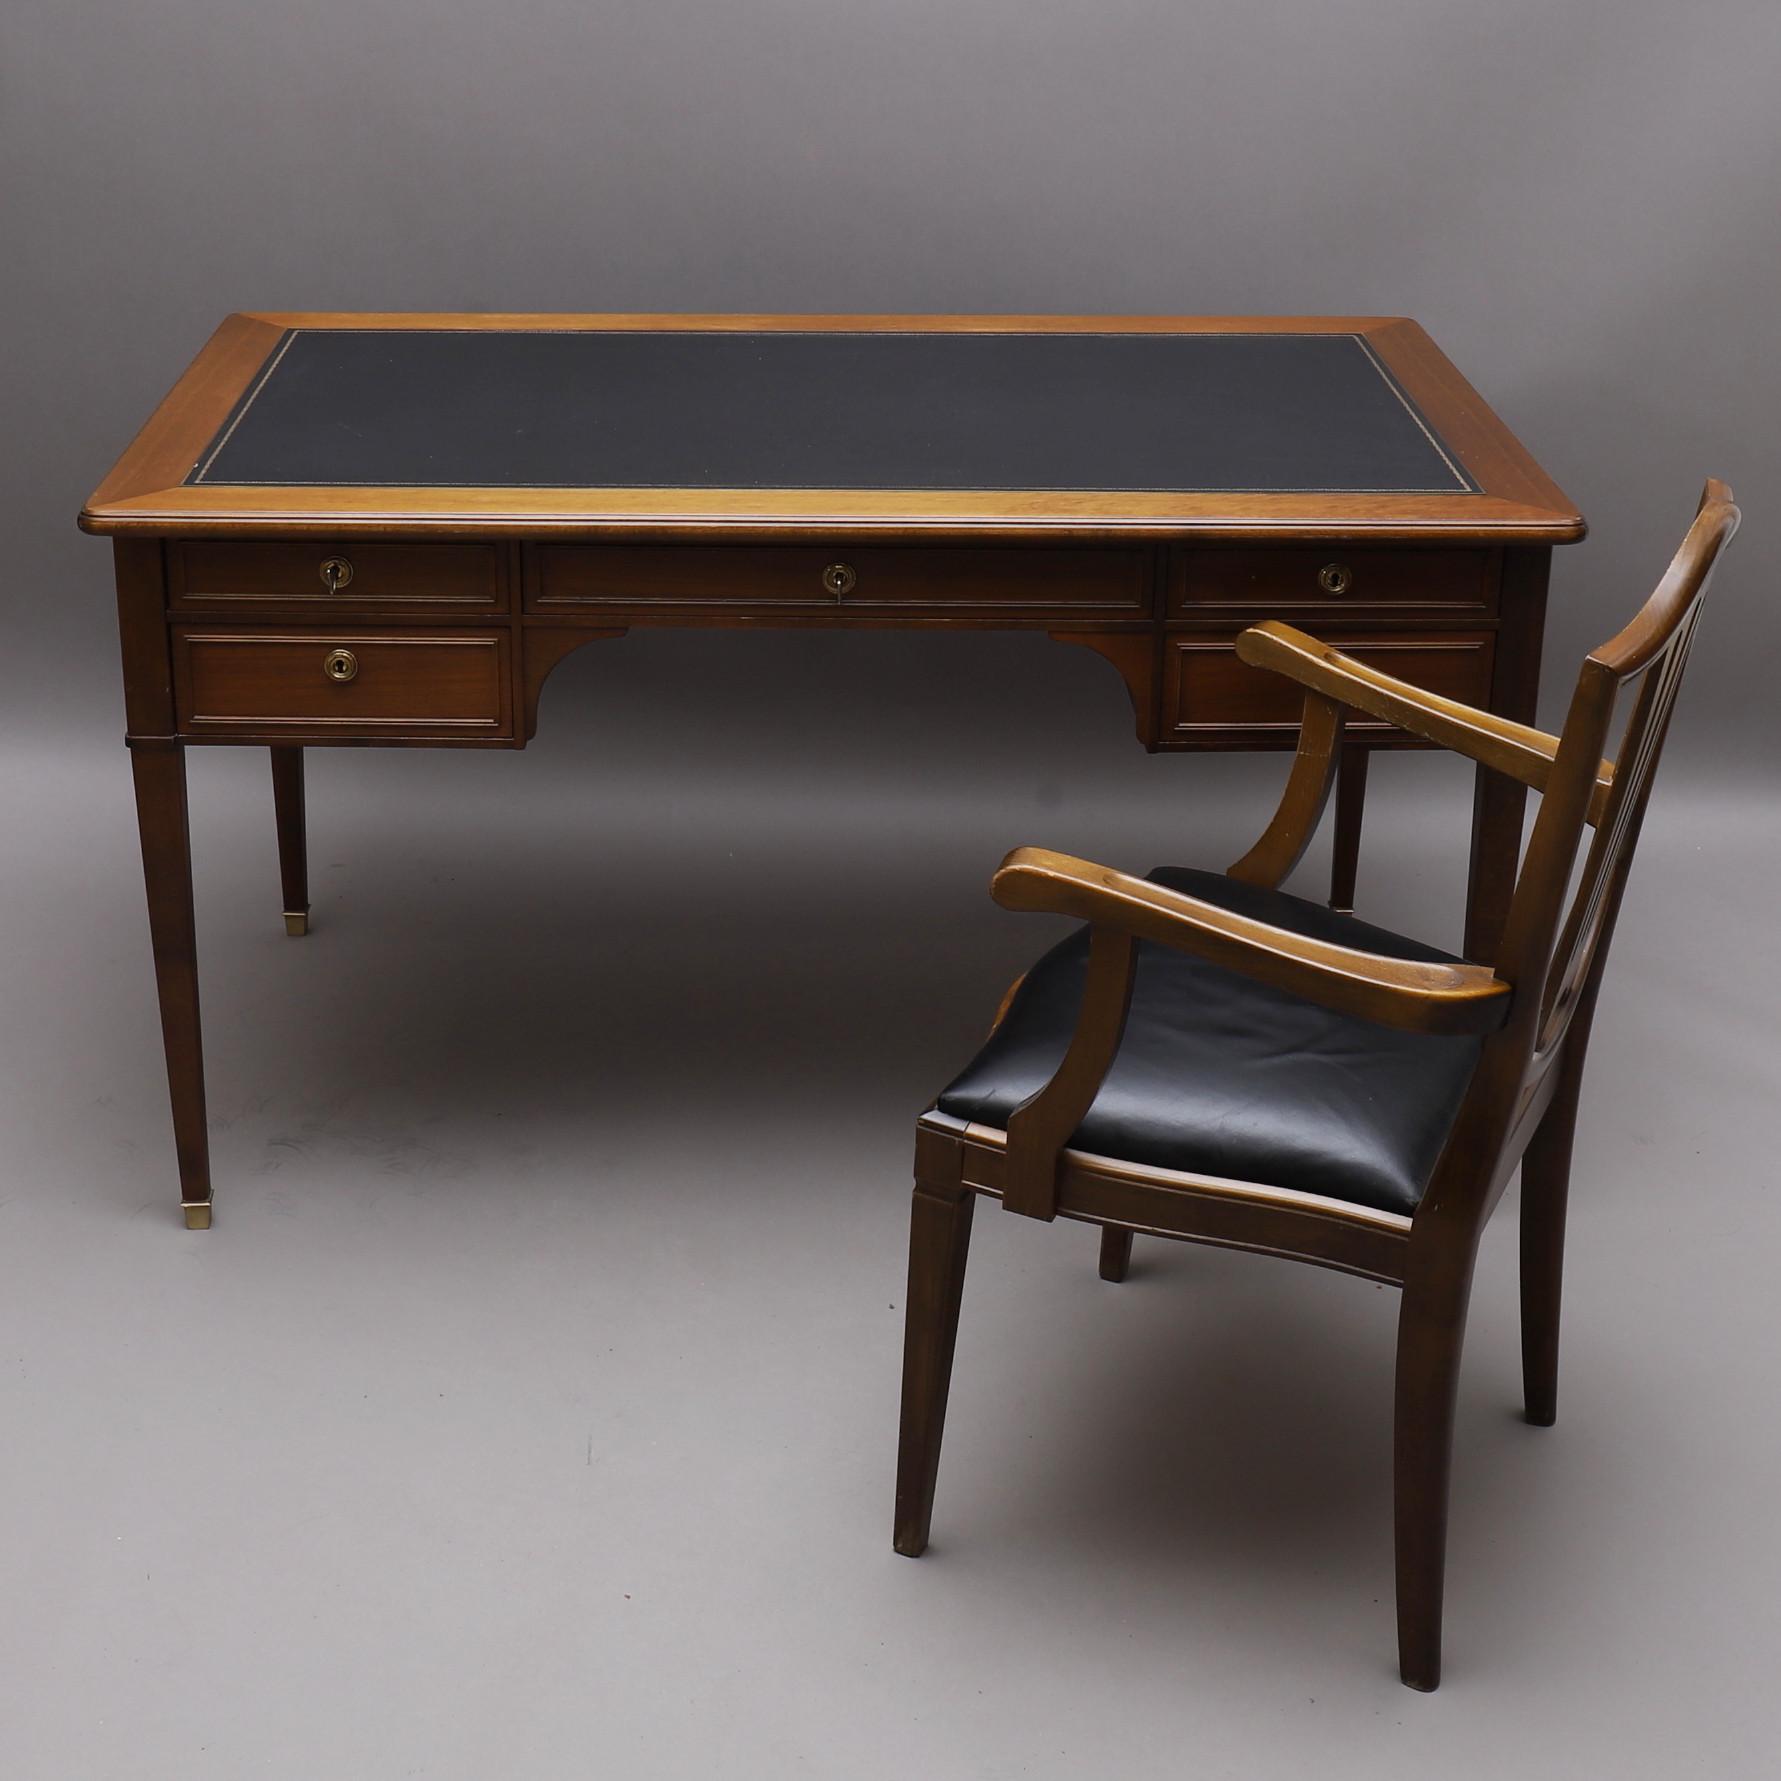 gustavianskt skrivbord med stol